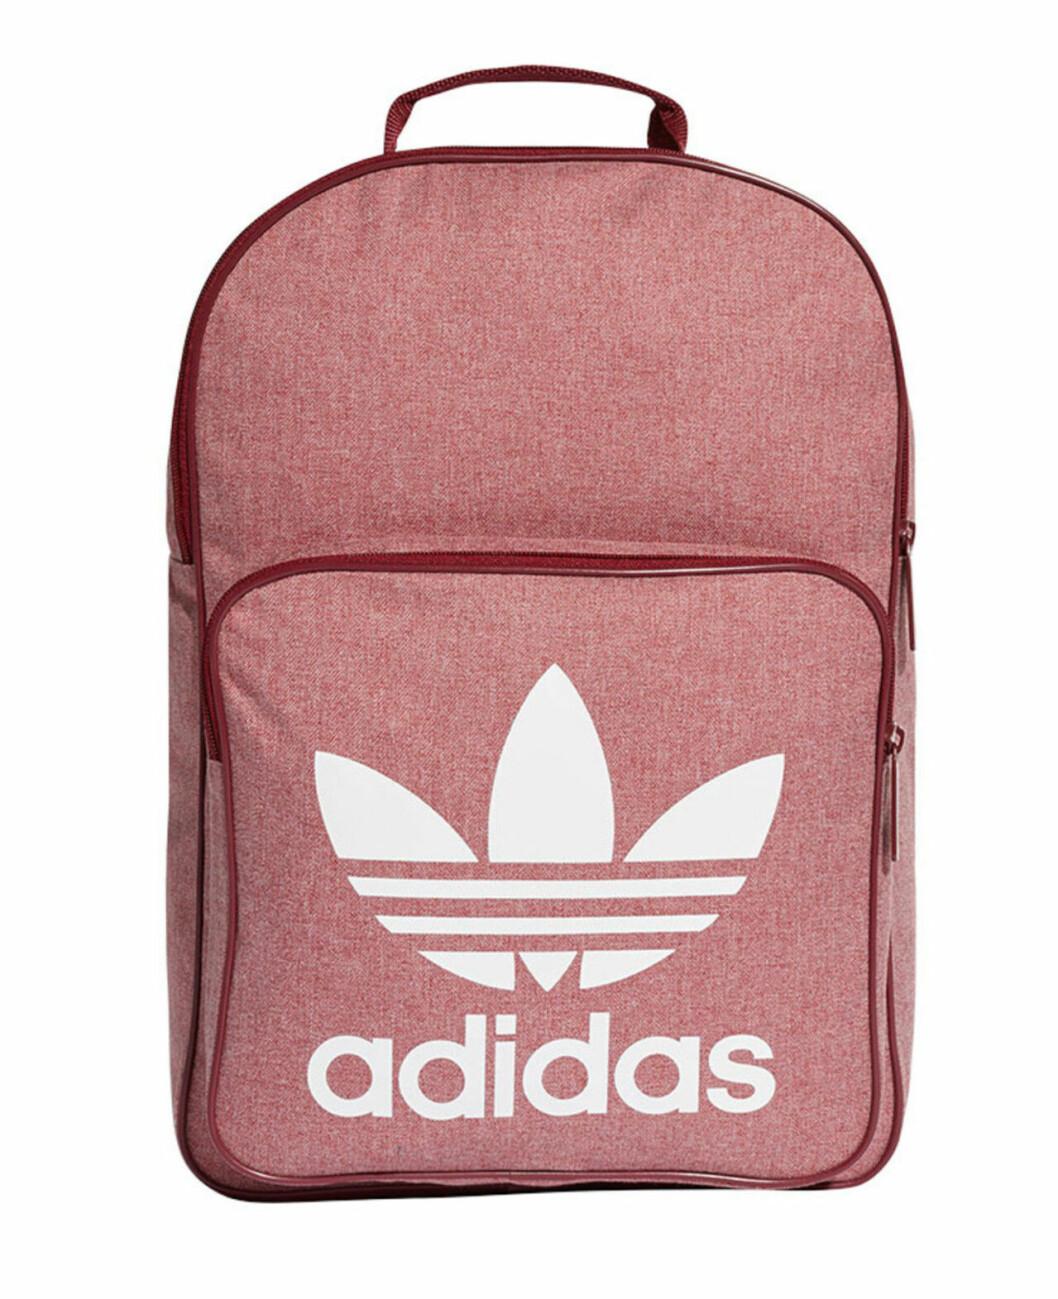 Rosa ryggsäck från Adidas